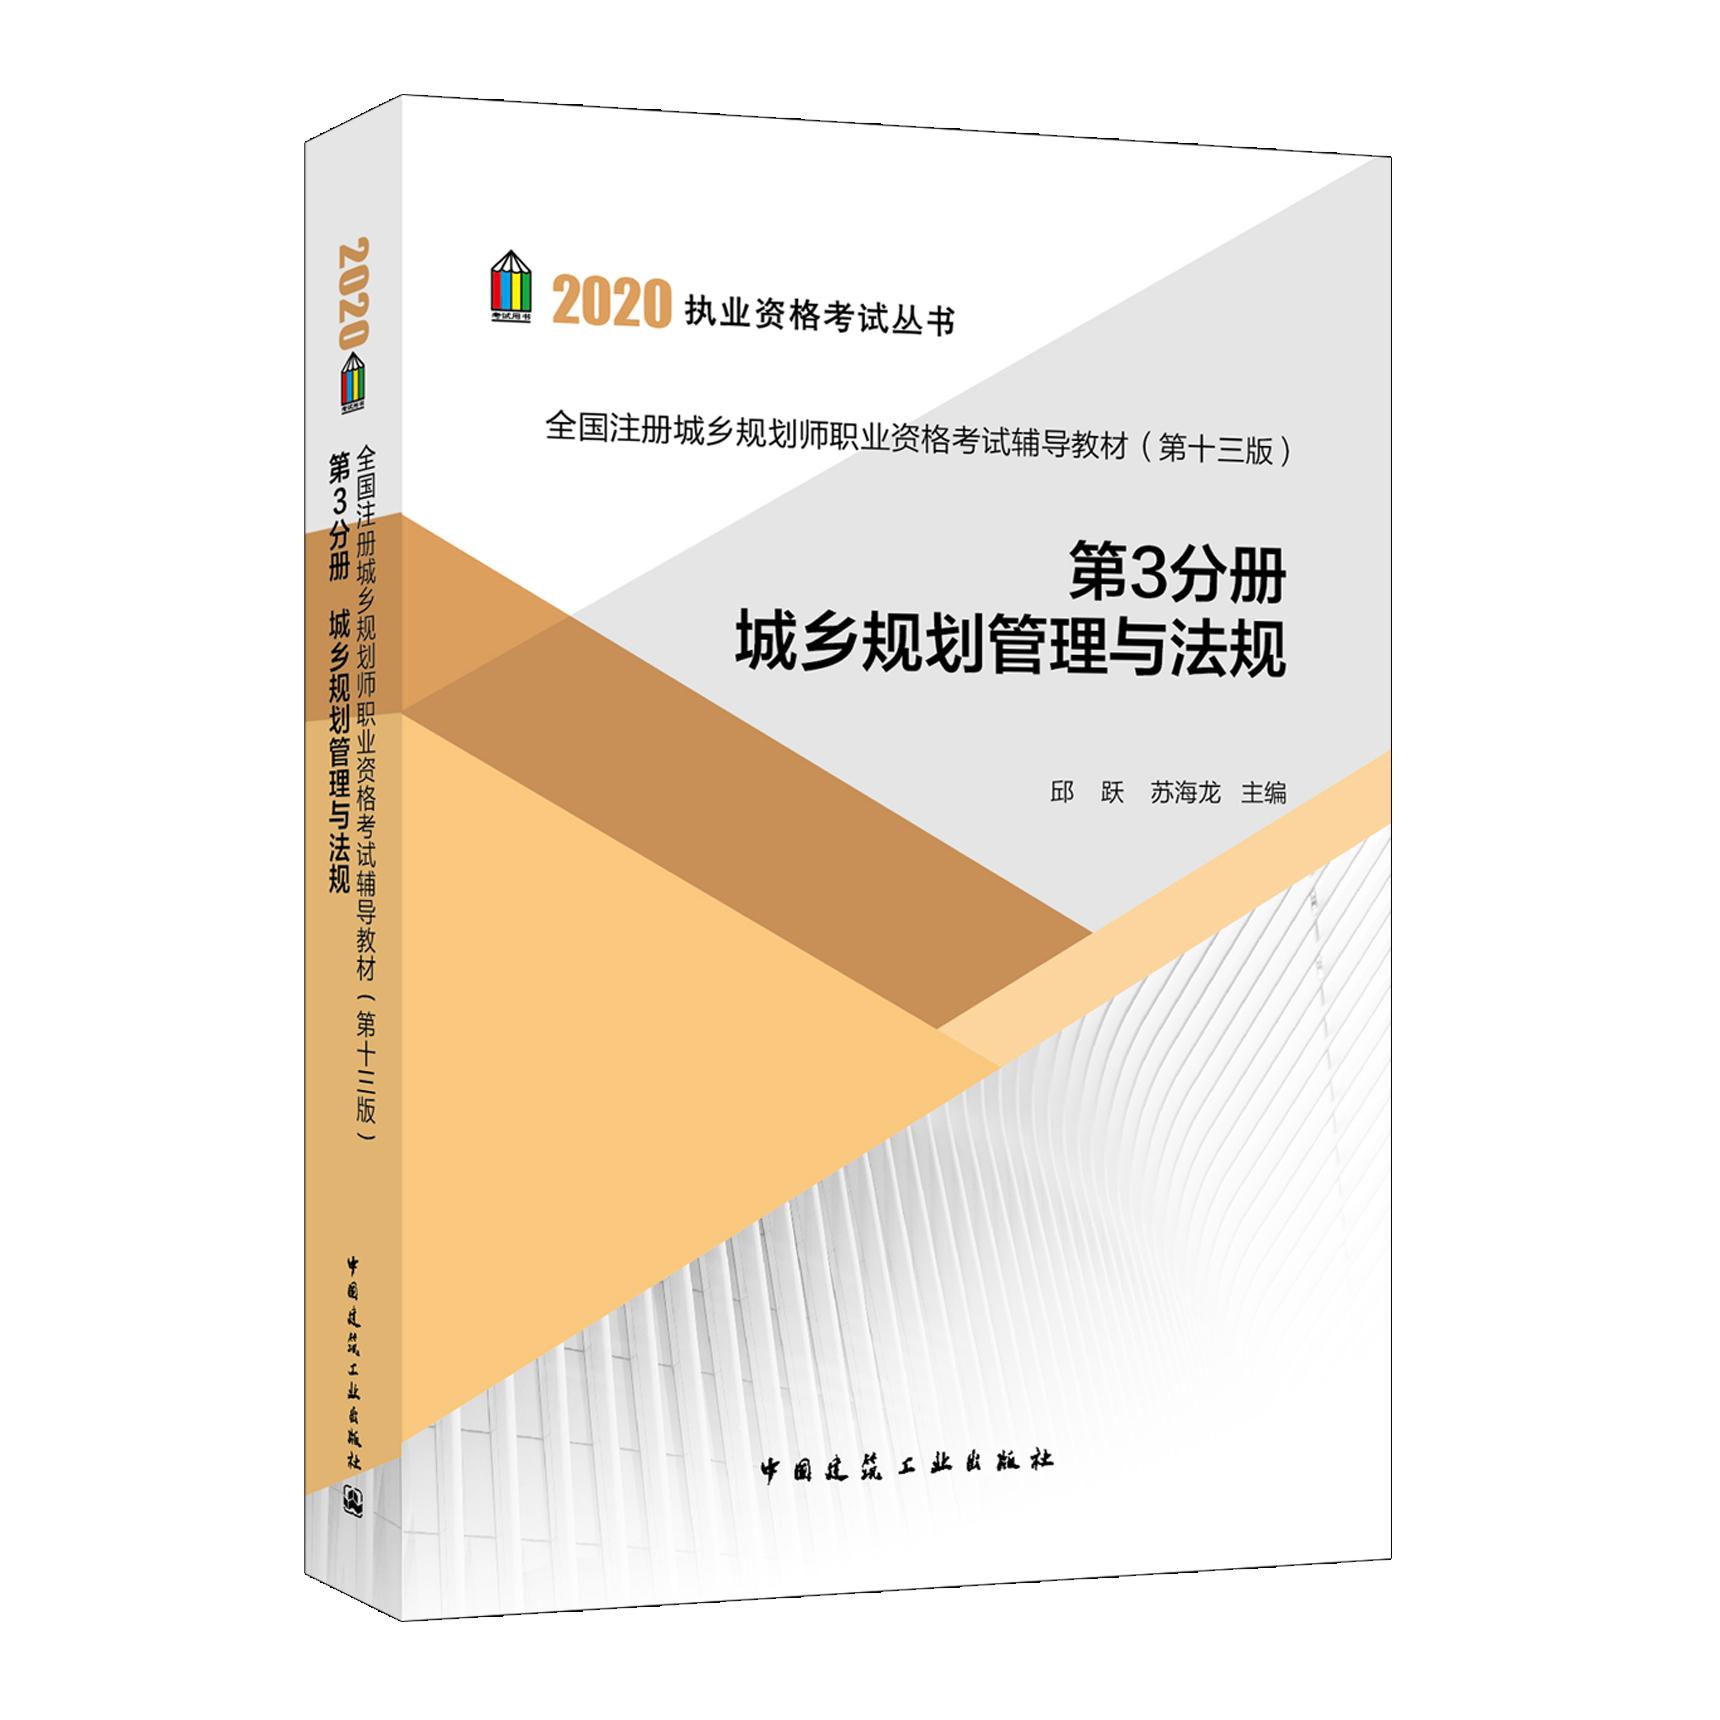 【预售】2021年注册城乡规划师考试辅导教材 第3分册 城乡规划管理与法规 第十三版